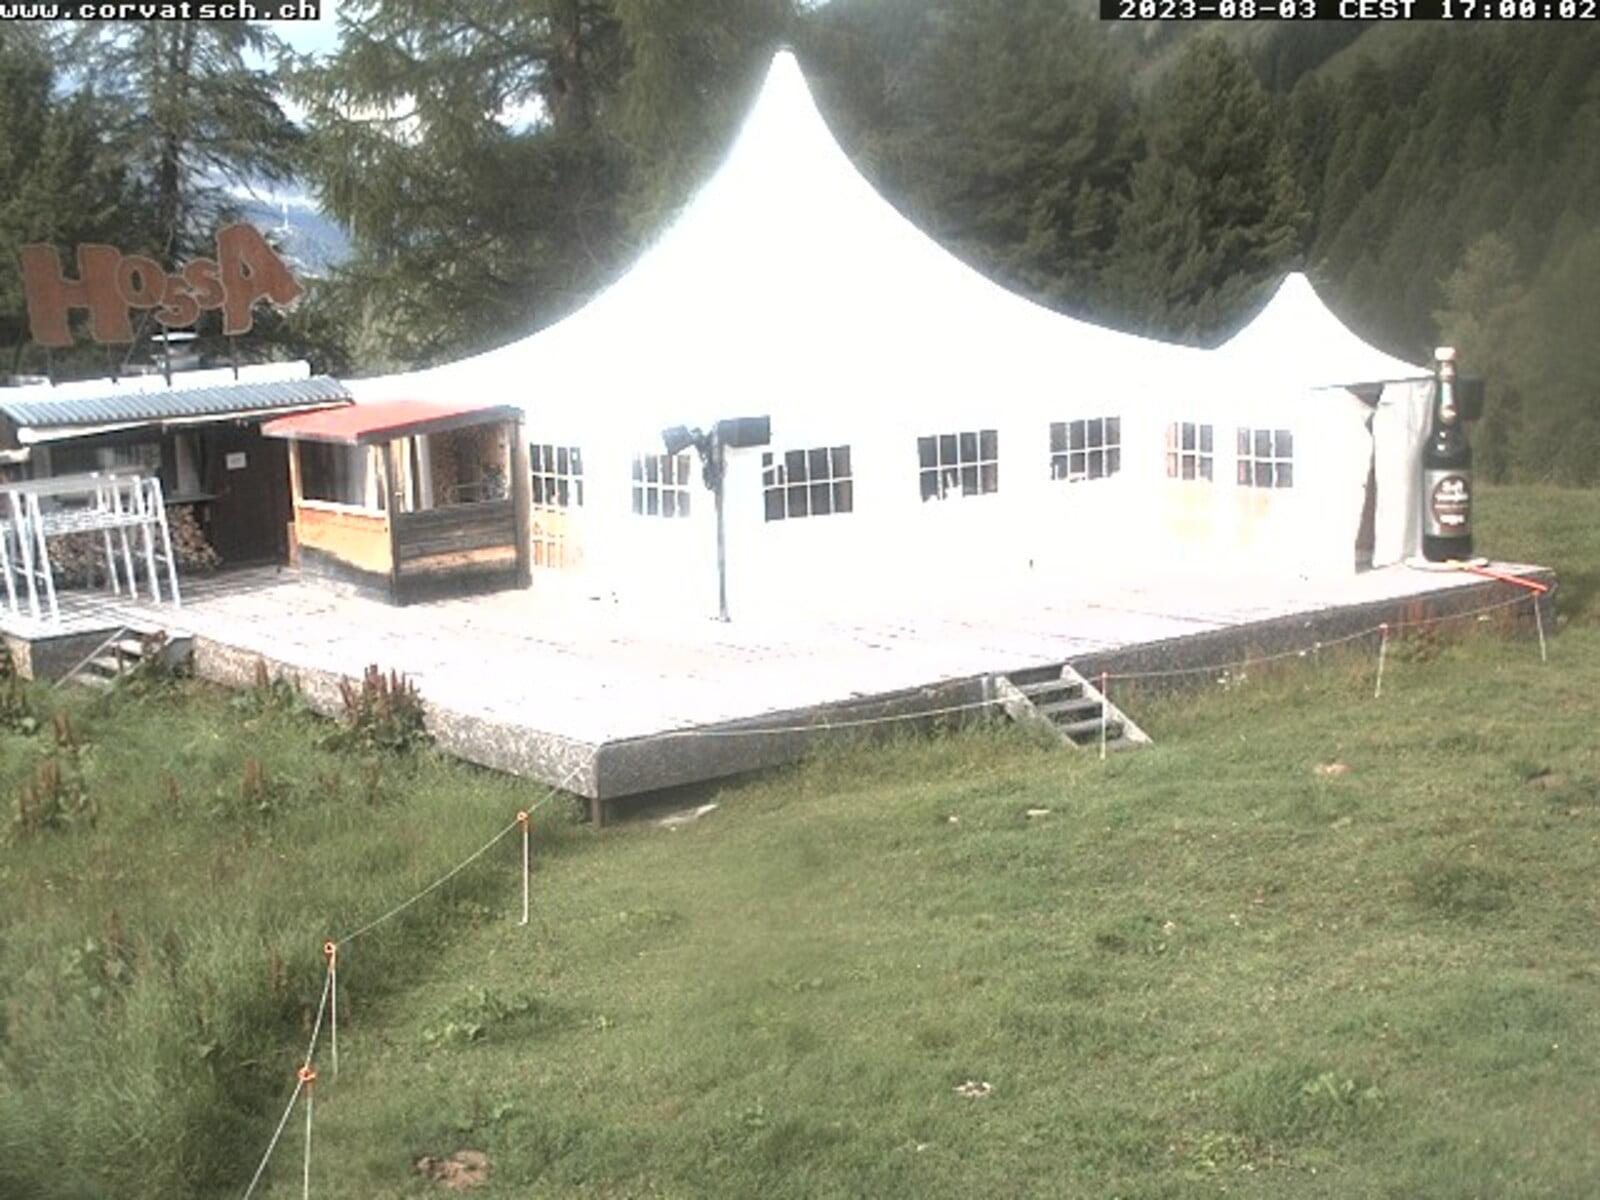 Corvatsch Hossa Bar